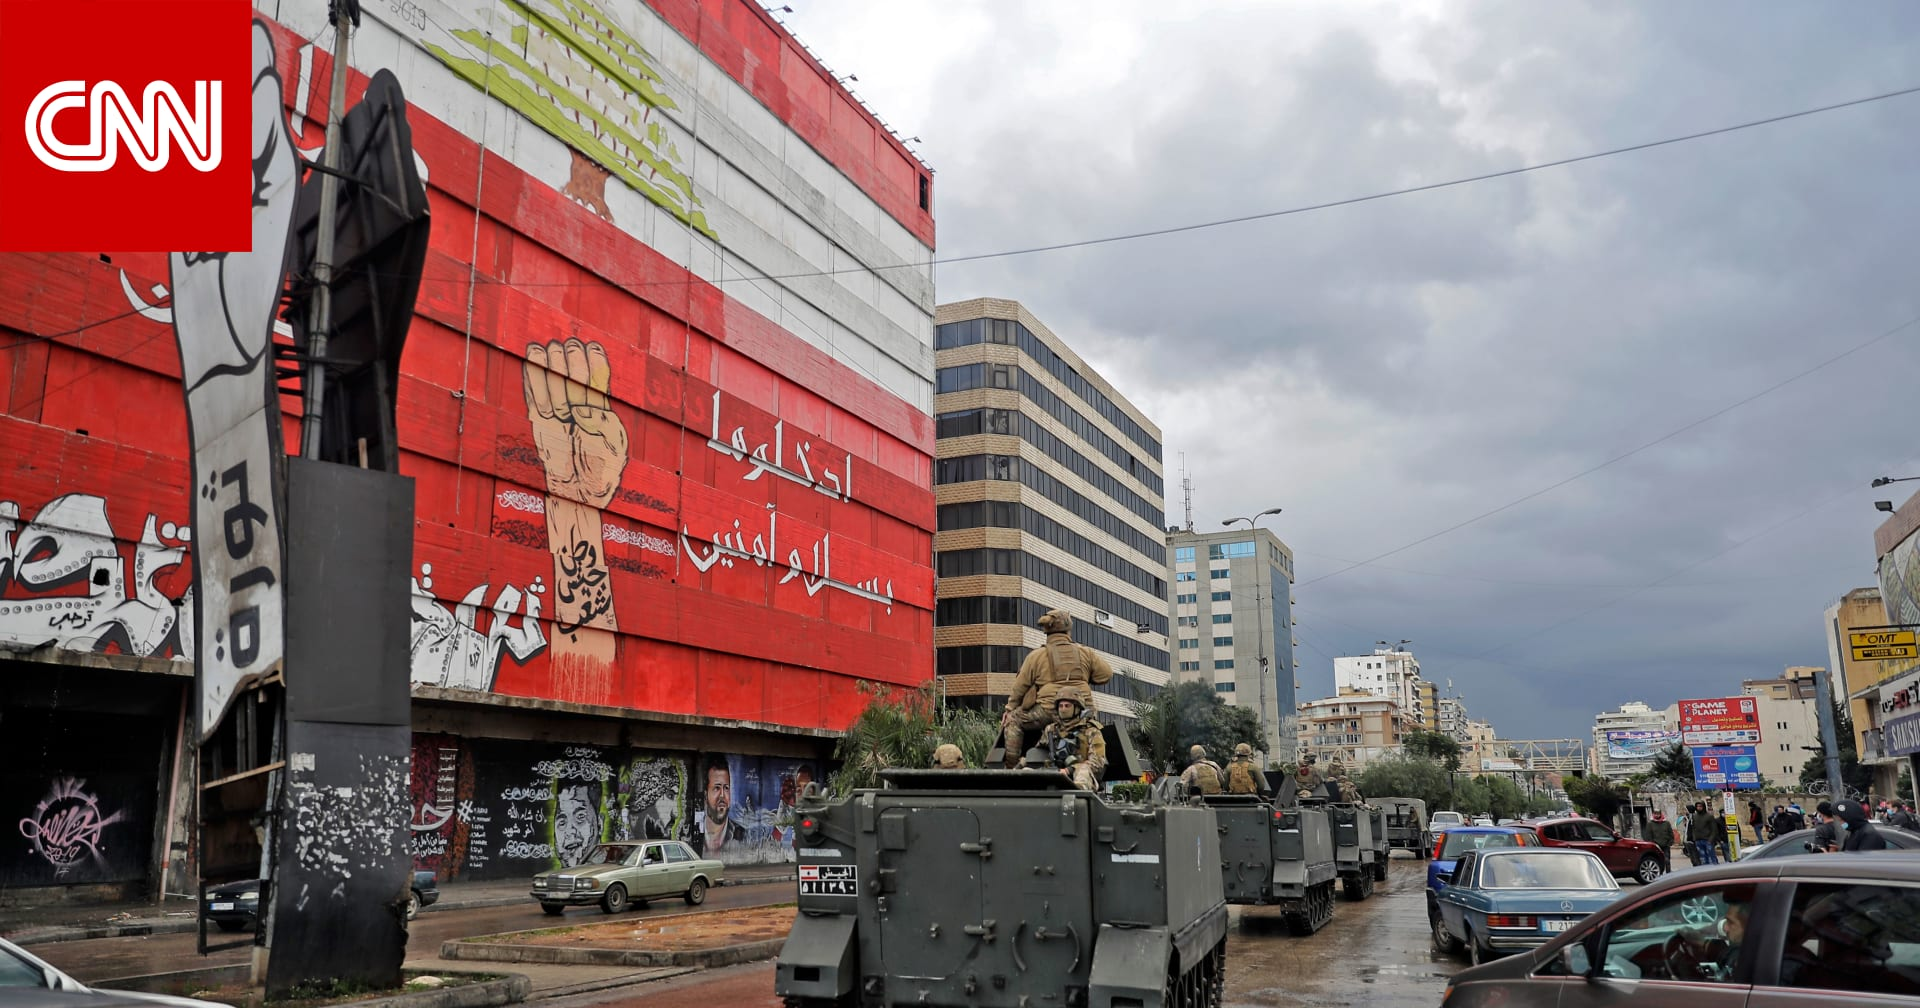 في ظل احتجاجات طرابلس اللبنانية.. تركيا: مستعدون لترميم المباني المتضررة